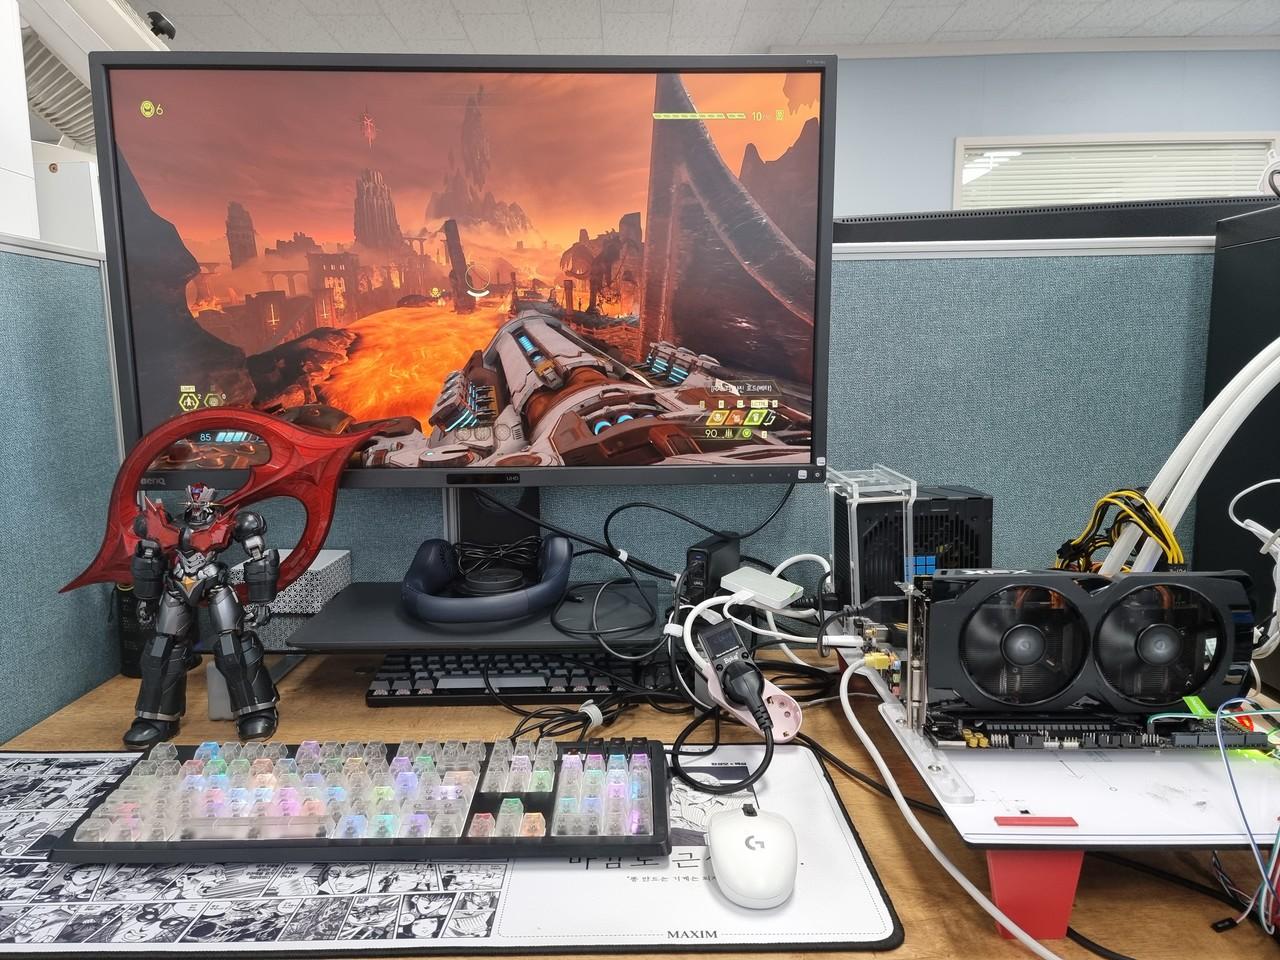 ▲ 라이젠 9 5900X, RX 570에서 게임 및 풀로드 테스트 등을 진행했다. 해당 시스템 구성 시 대략 600W 파워용량이 추천된다. 둠 이터널 구동 시 소비전력은 275W 정도로 확인된다.